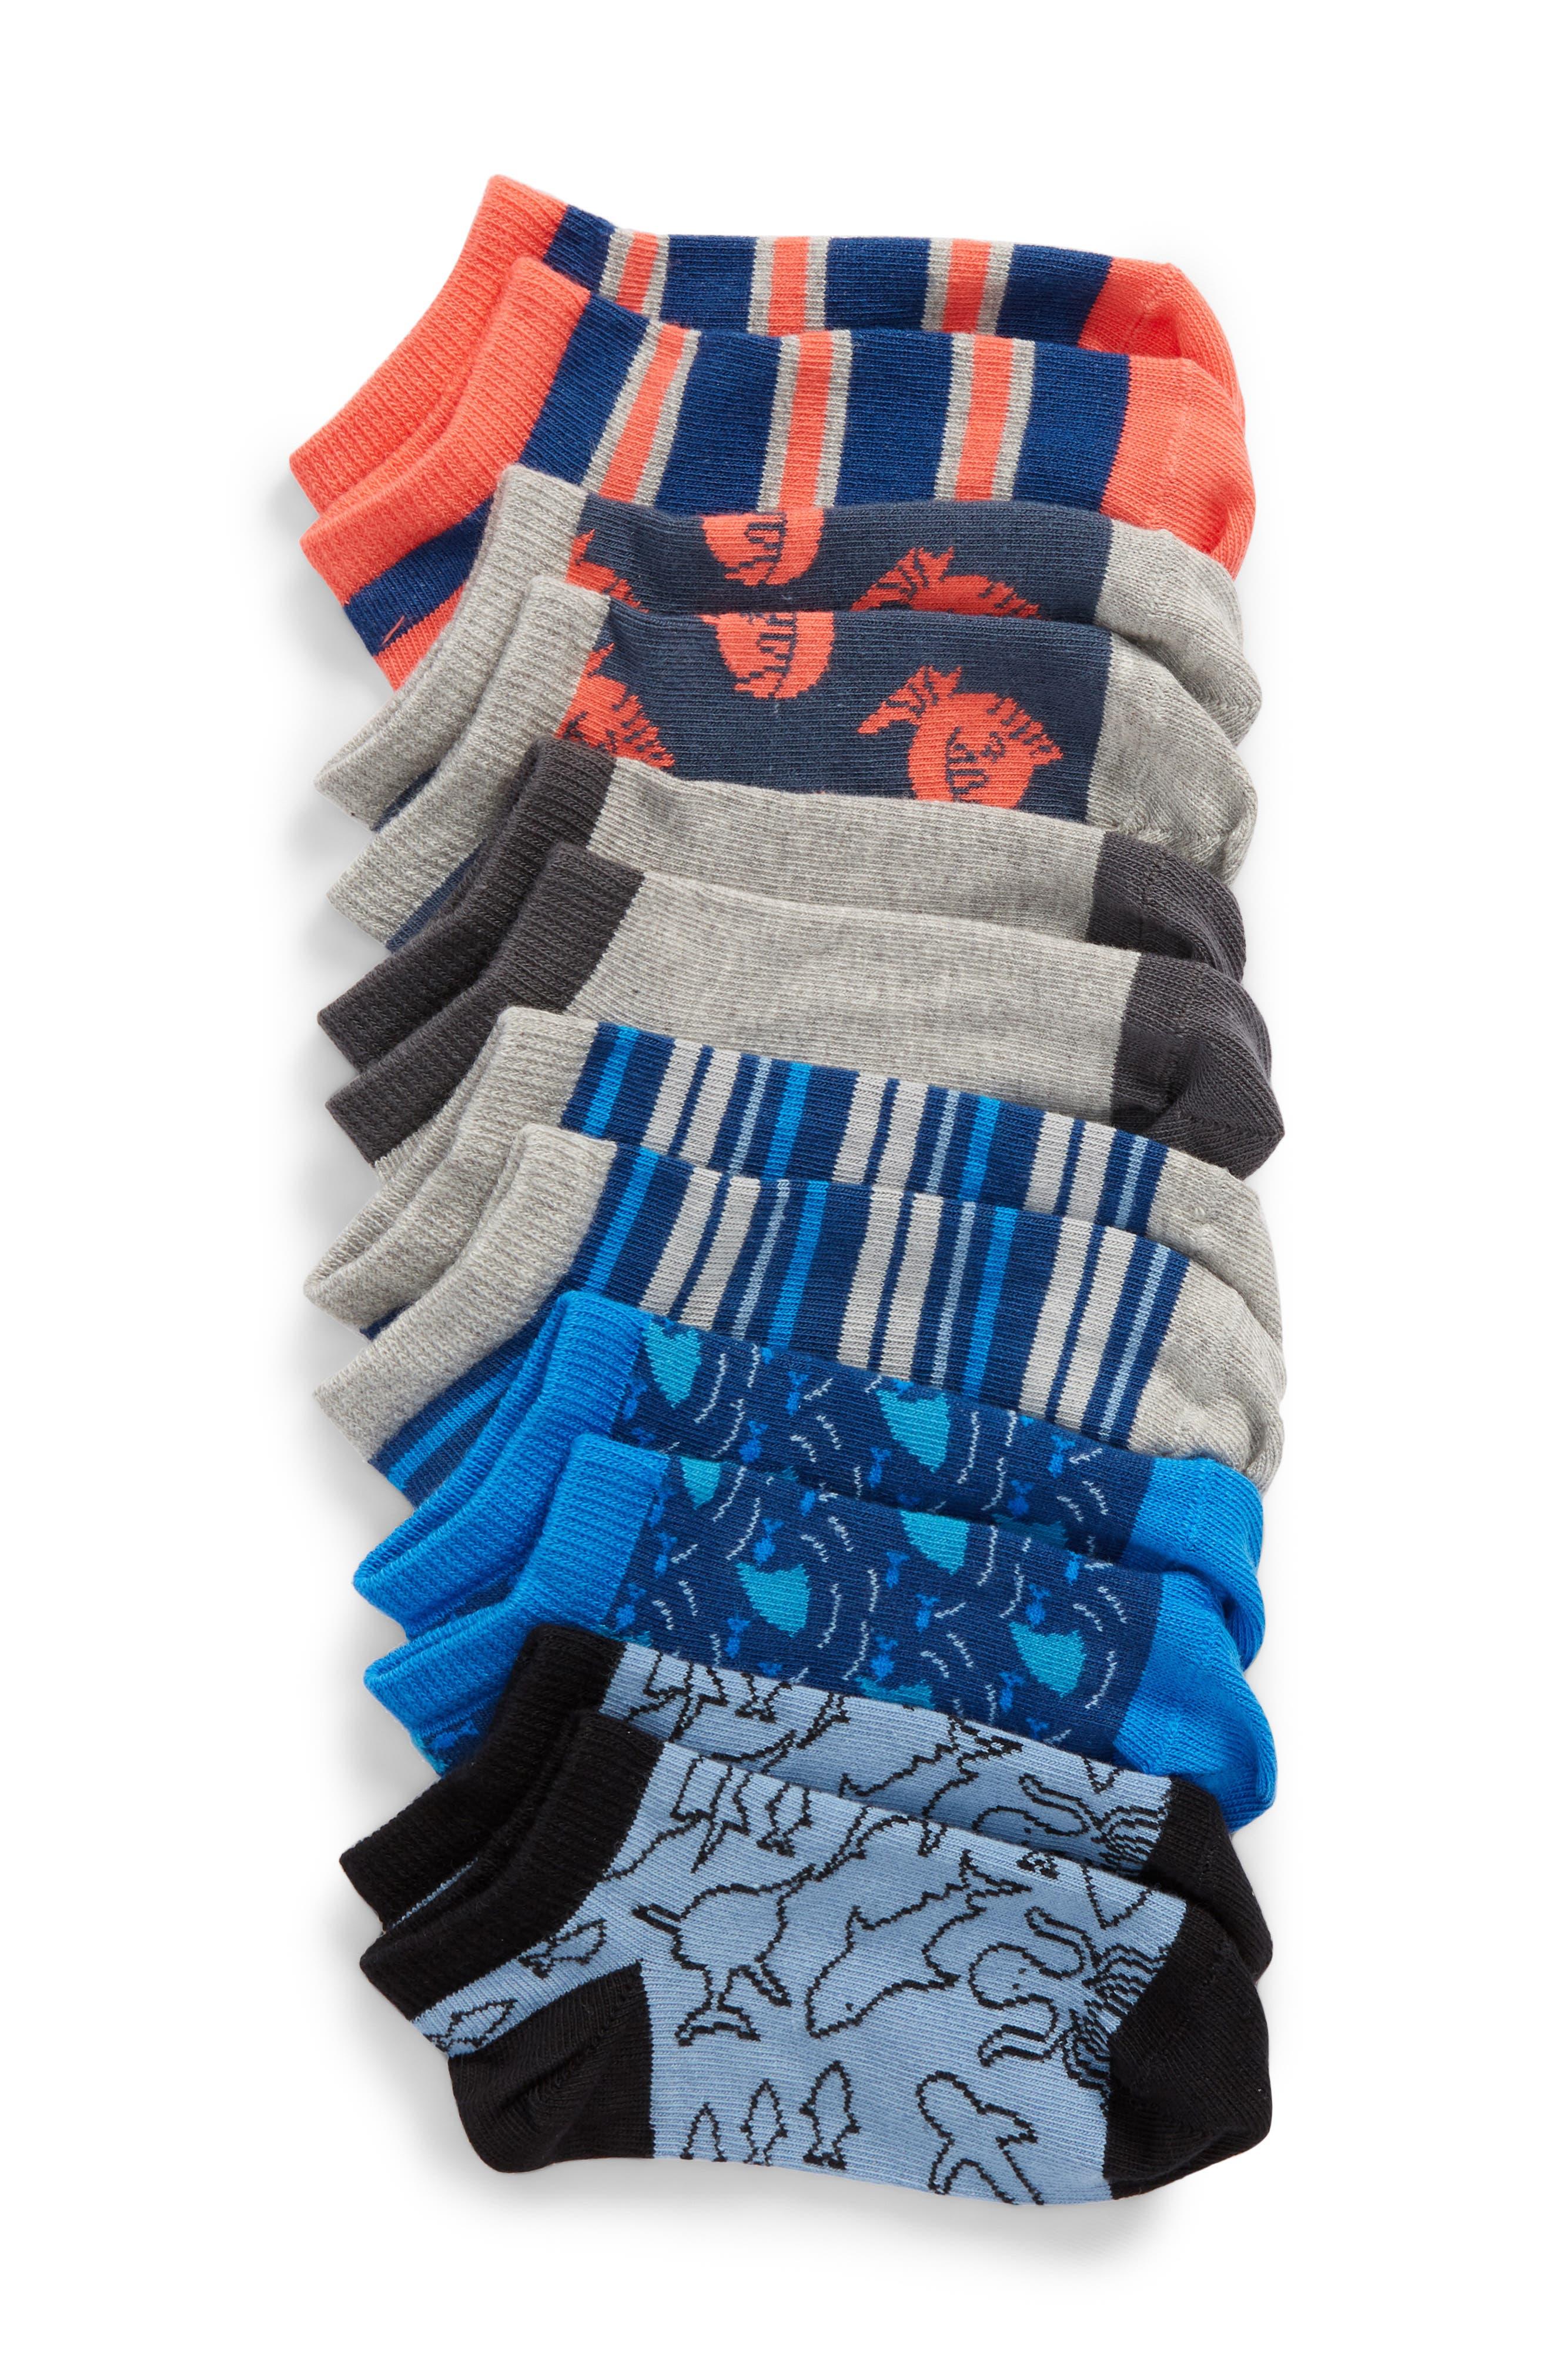 6-Pack Puffer Fish Low Cut Socks,                             Main thumbnail 1, color,                             BLUE CLOUD MULTI